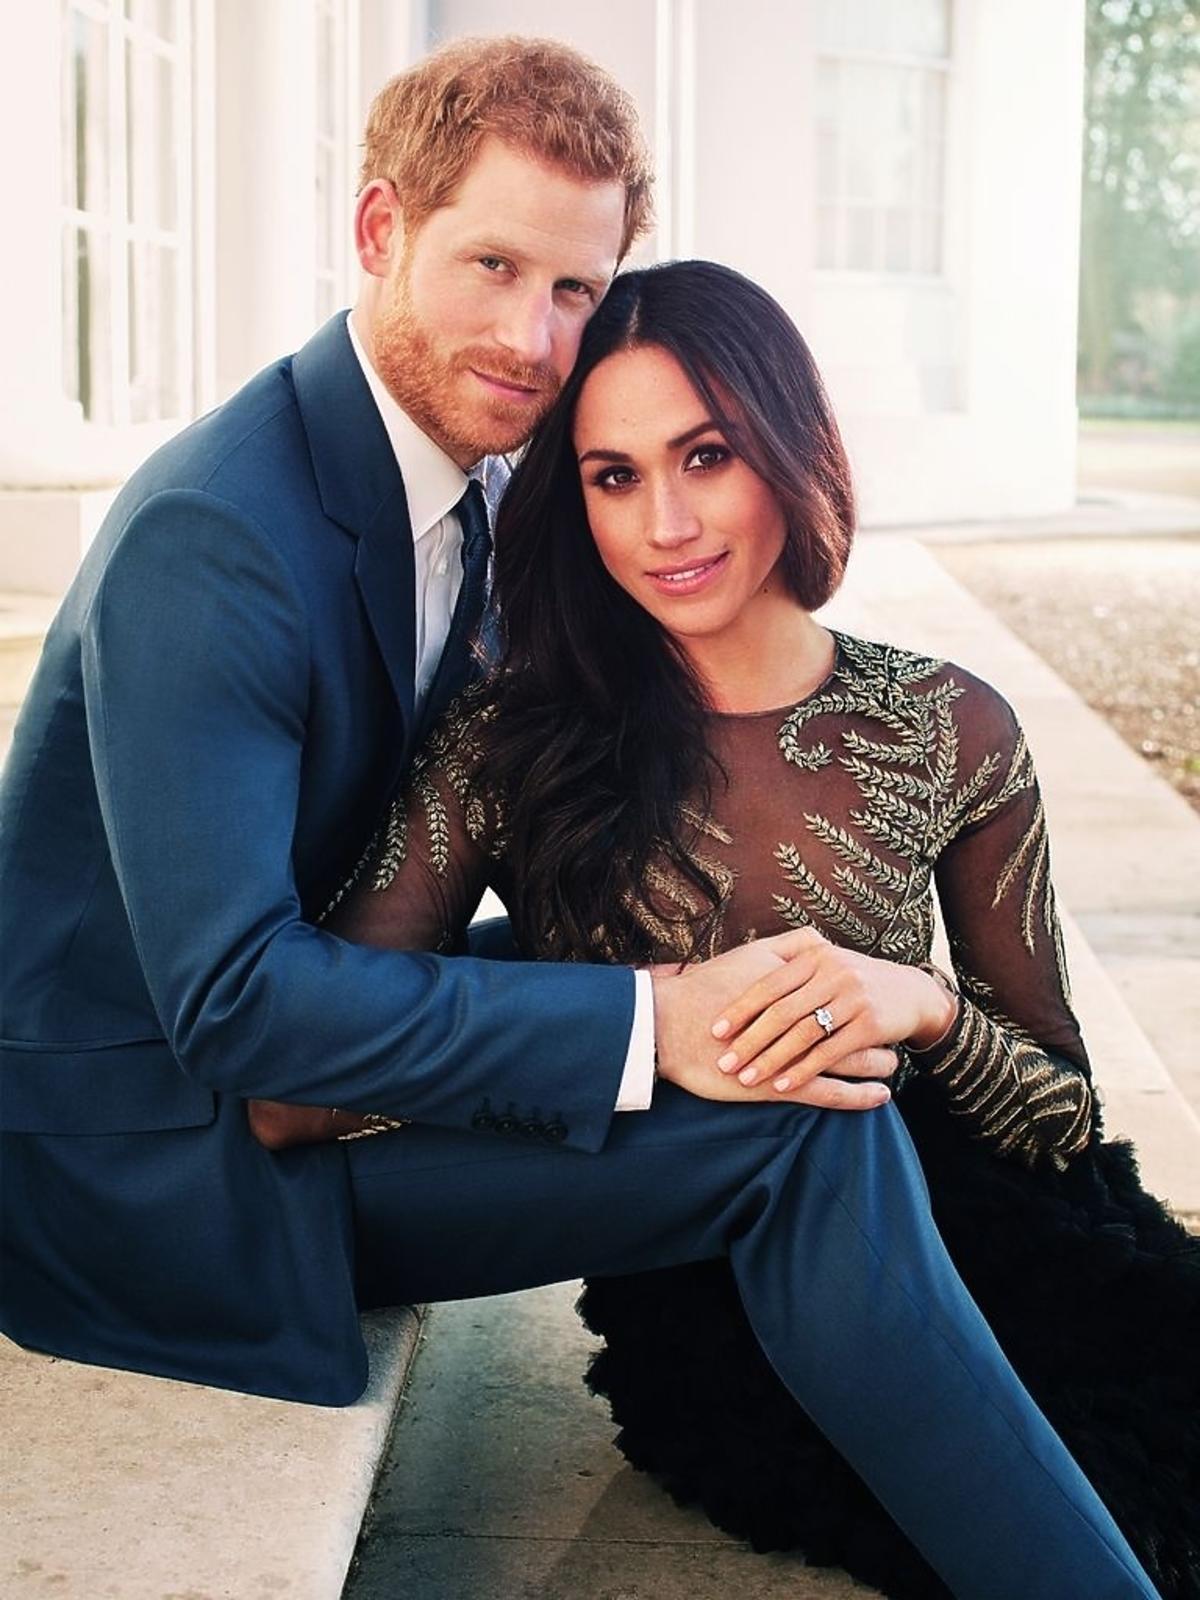 Portret zaręczynowy Meghan Markle i księcia Harry'ego